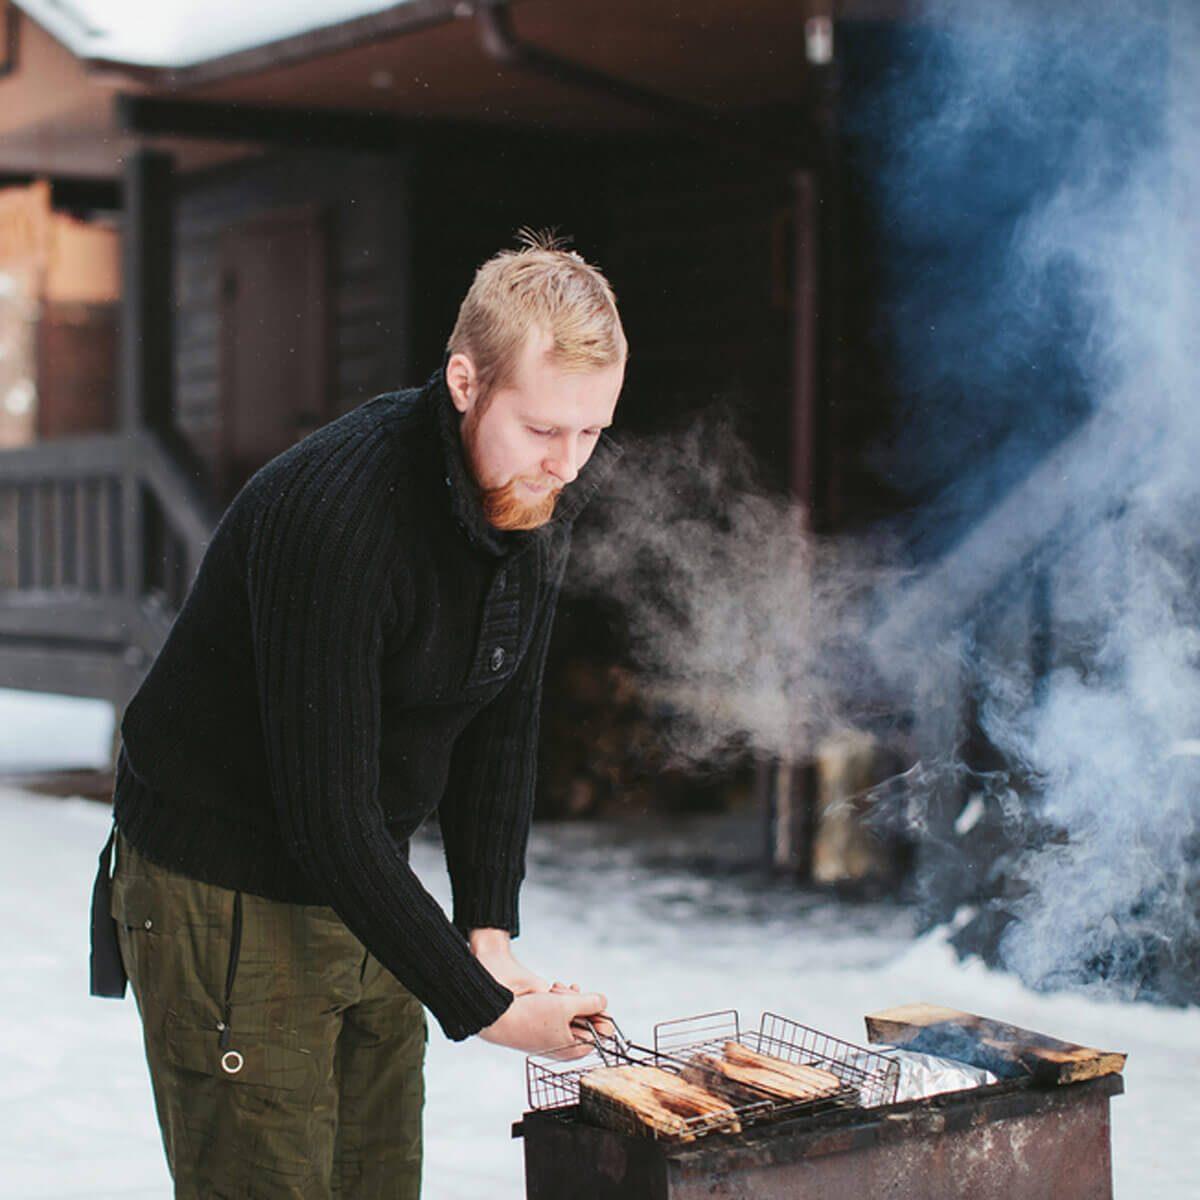 shutterstock_364592408 winter grilling outside